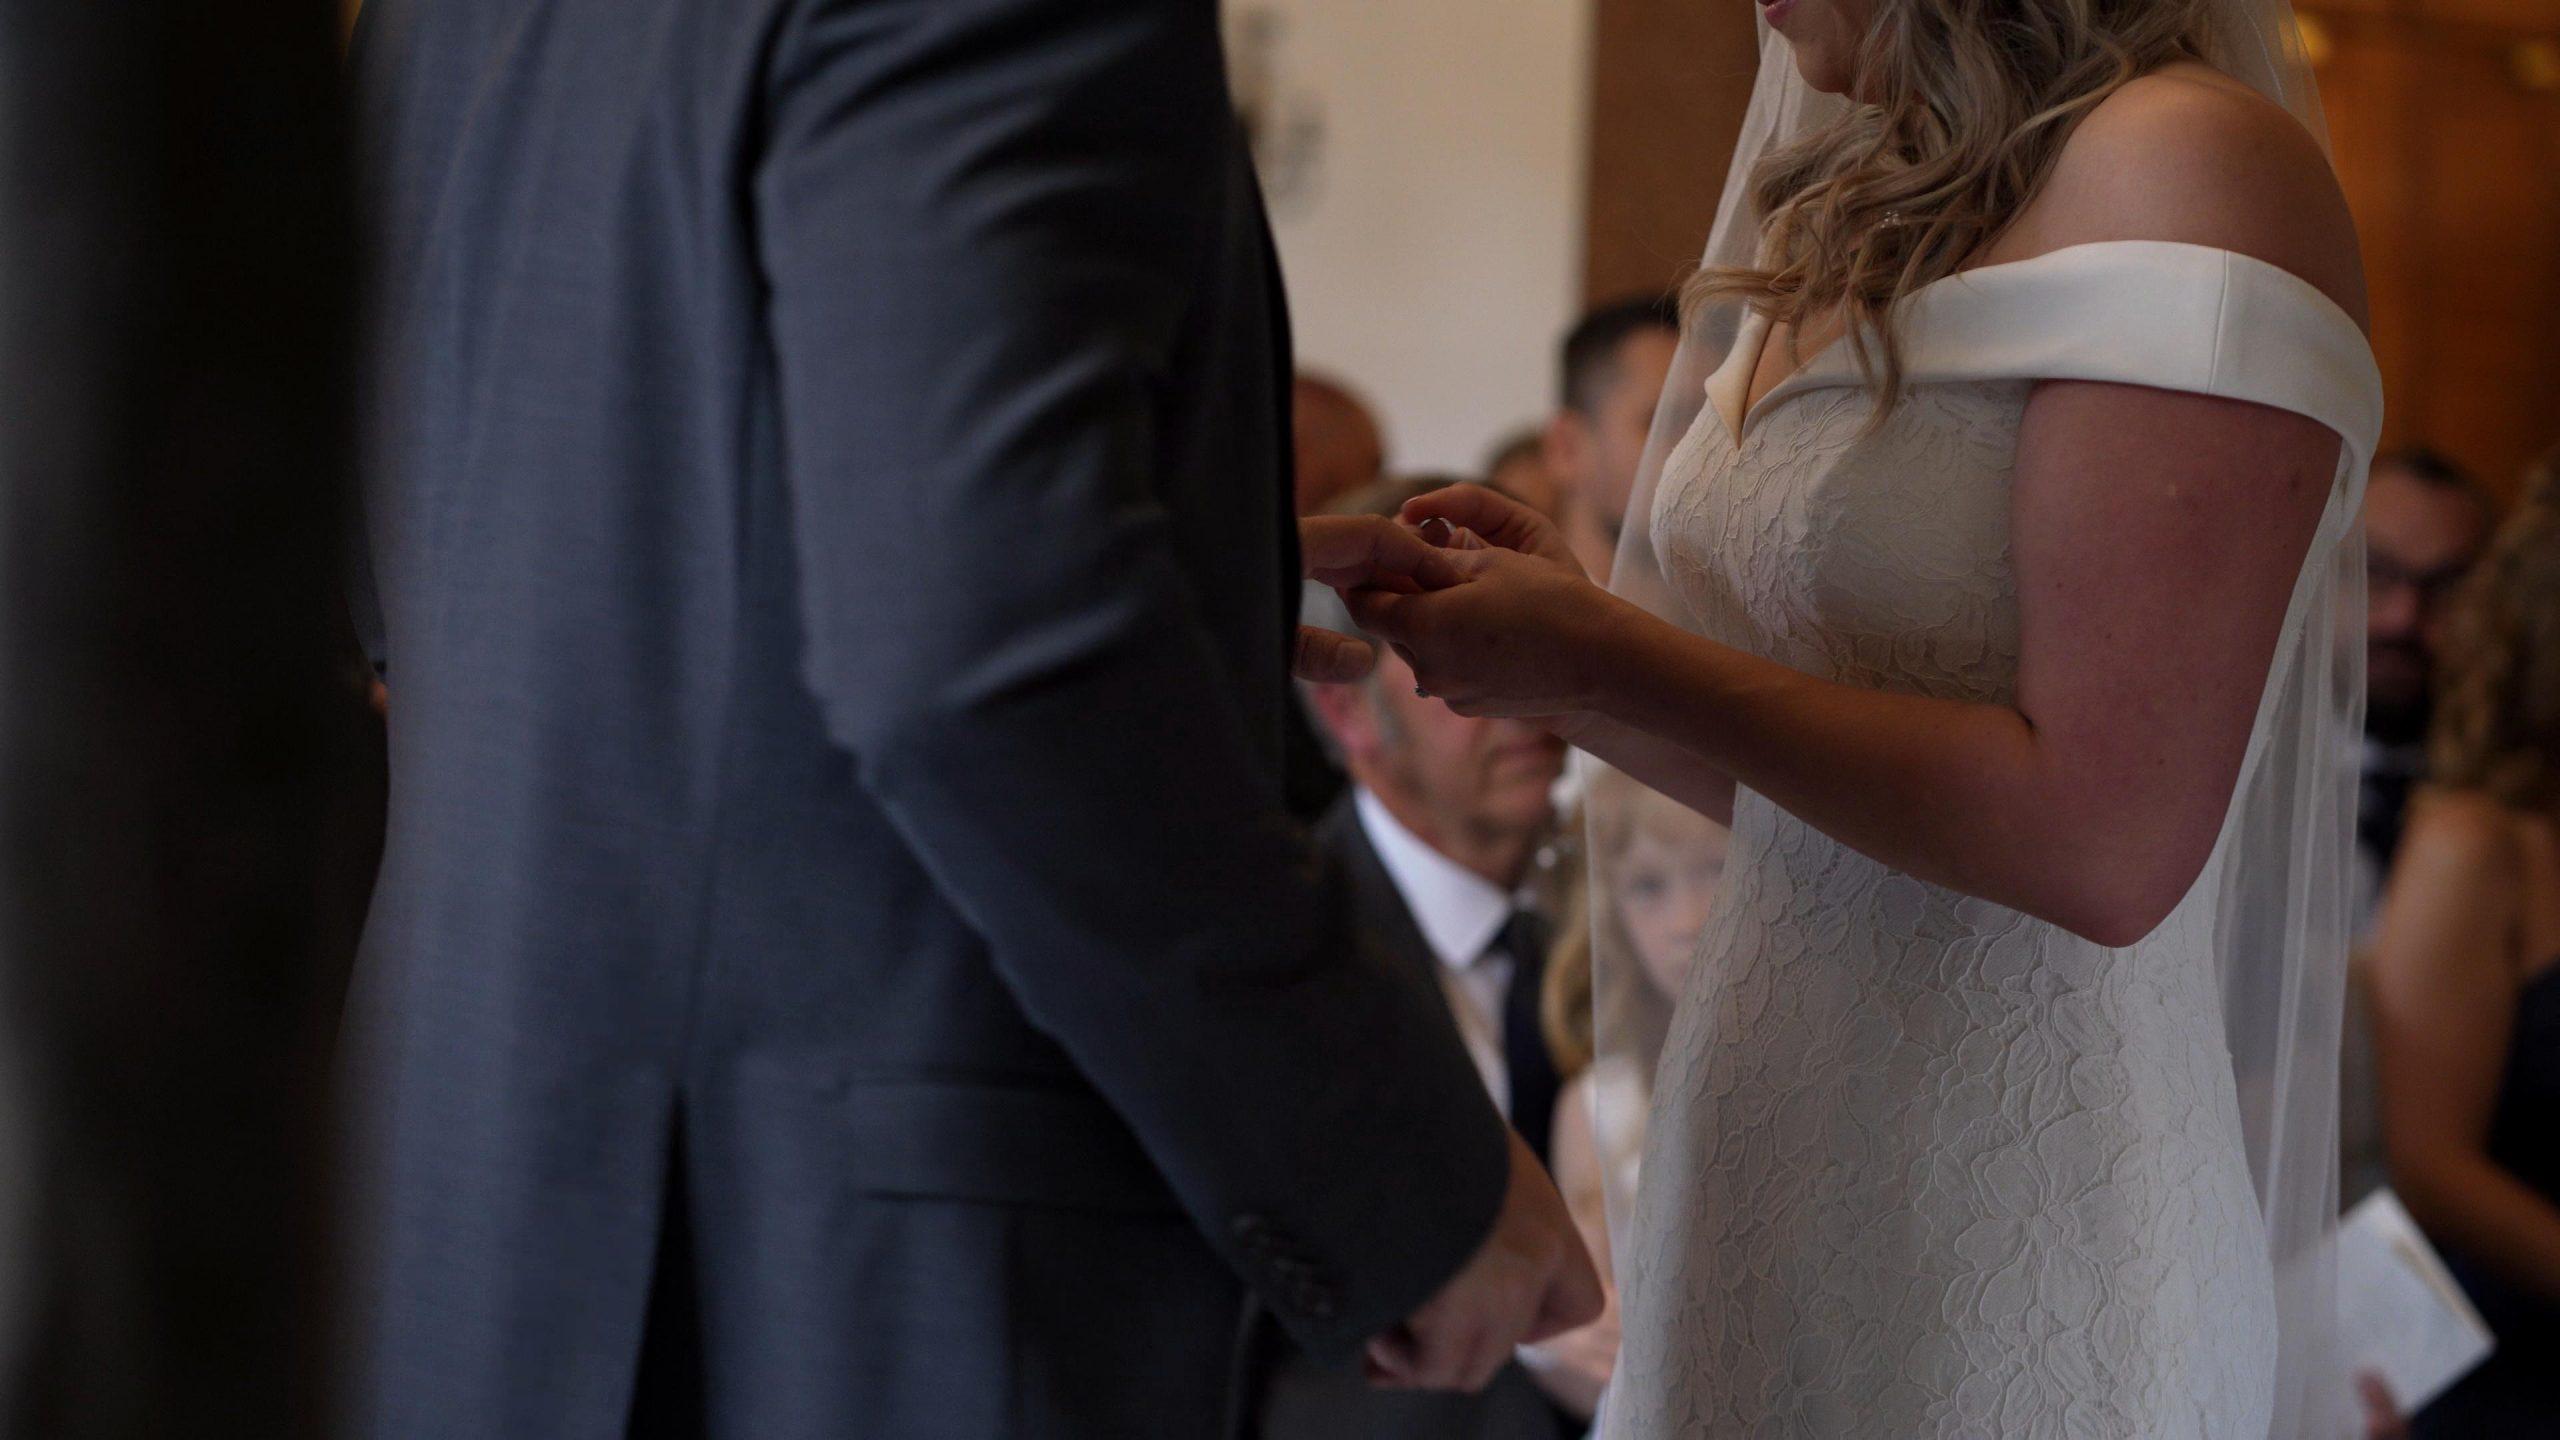 couple exchange wedding rings in cheshire wedding